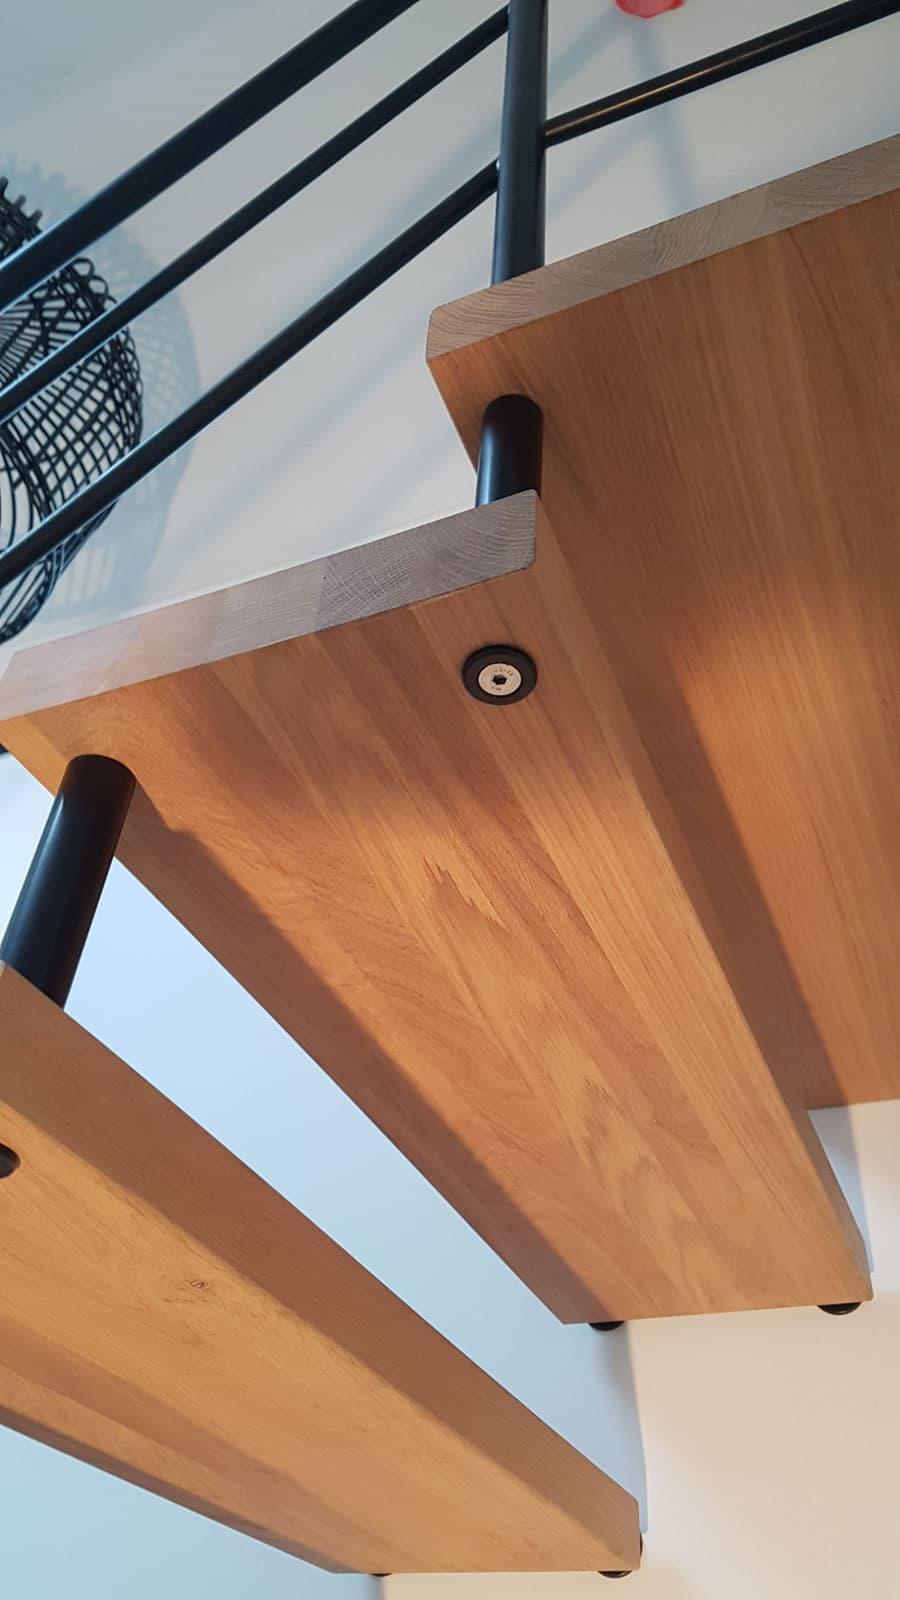 vt12c vrijdragende trap detail